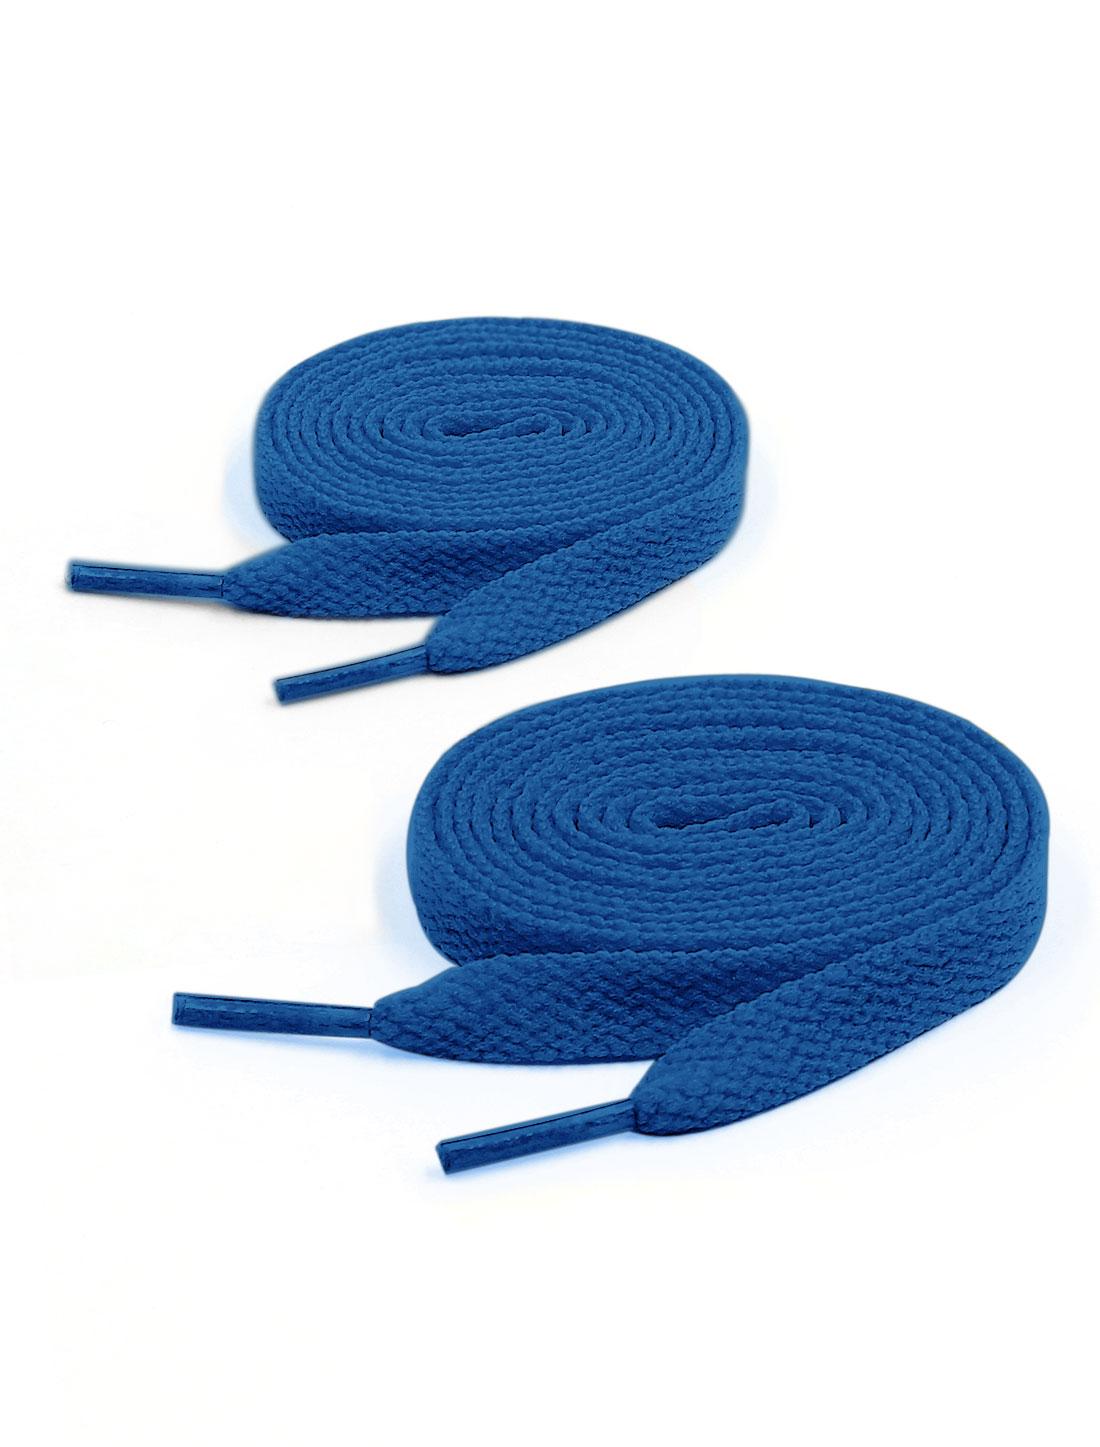 Unisex 2 Pairs Plastic Tip 123cm Length Cotton Blends Sport Shoes Laces Blue